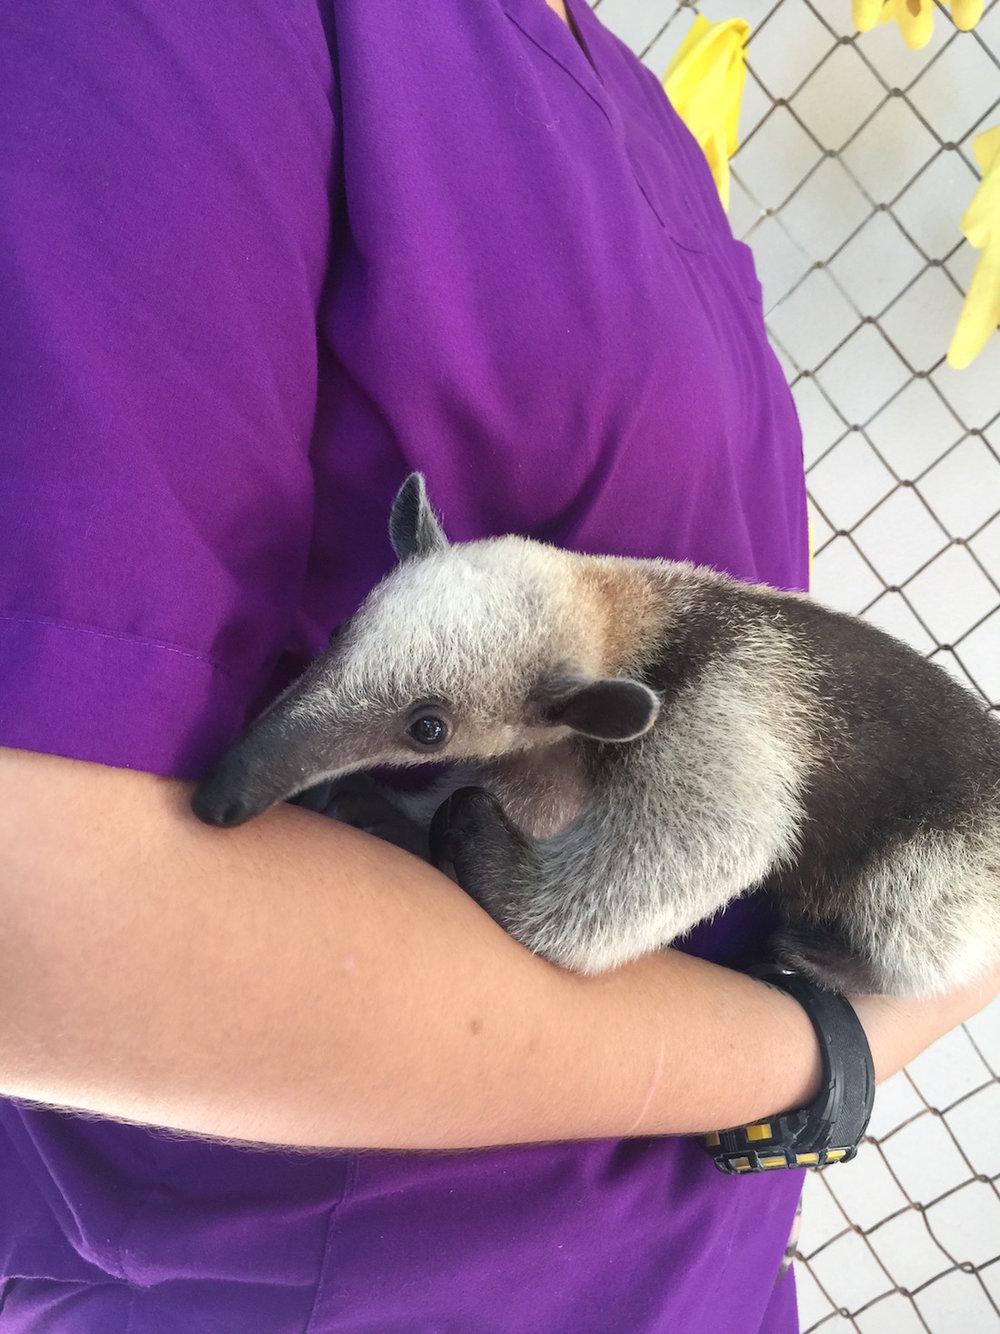 Vet holding a baby anteater